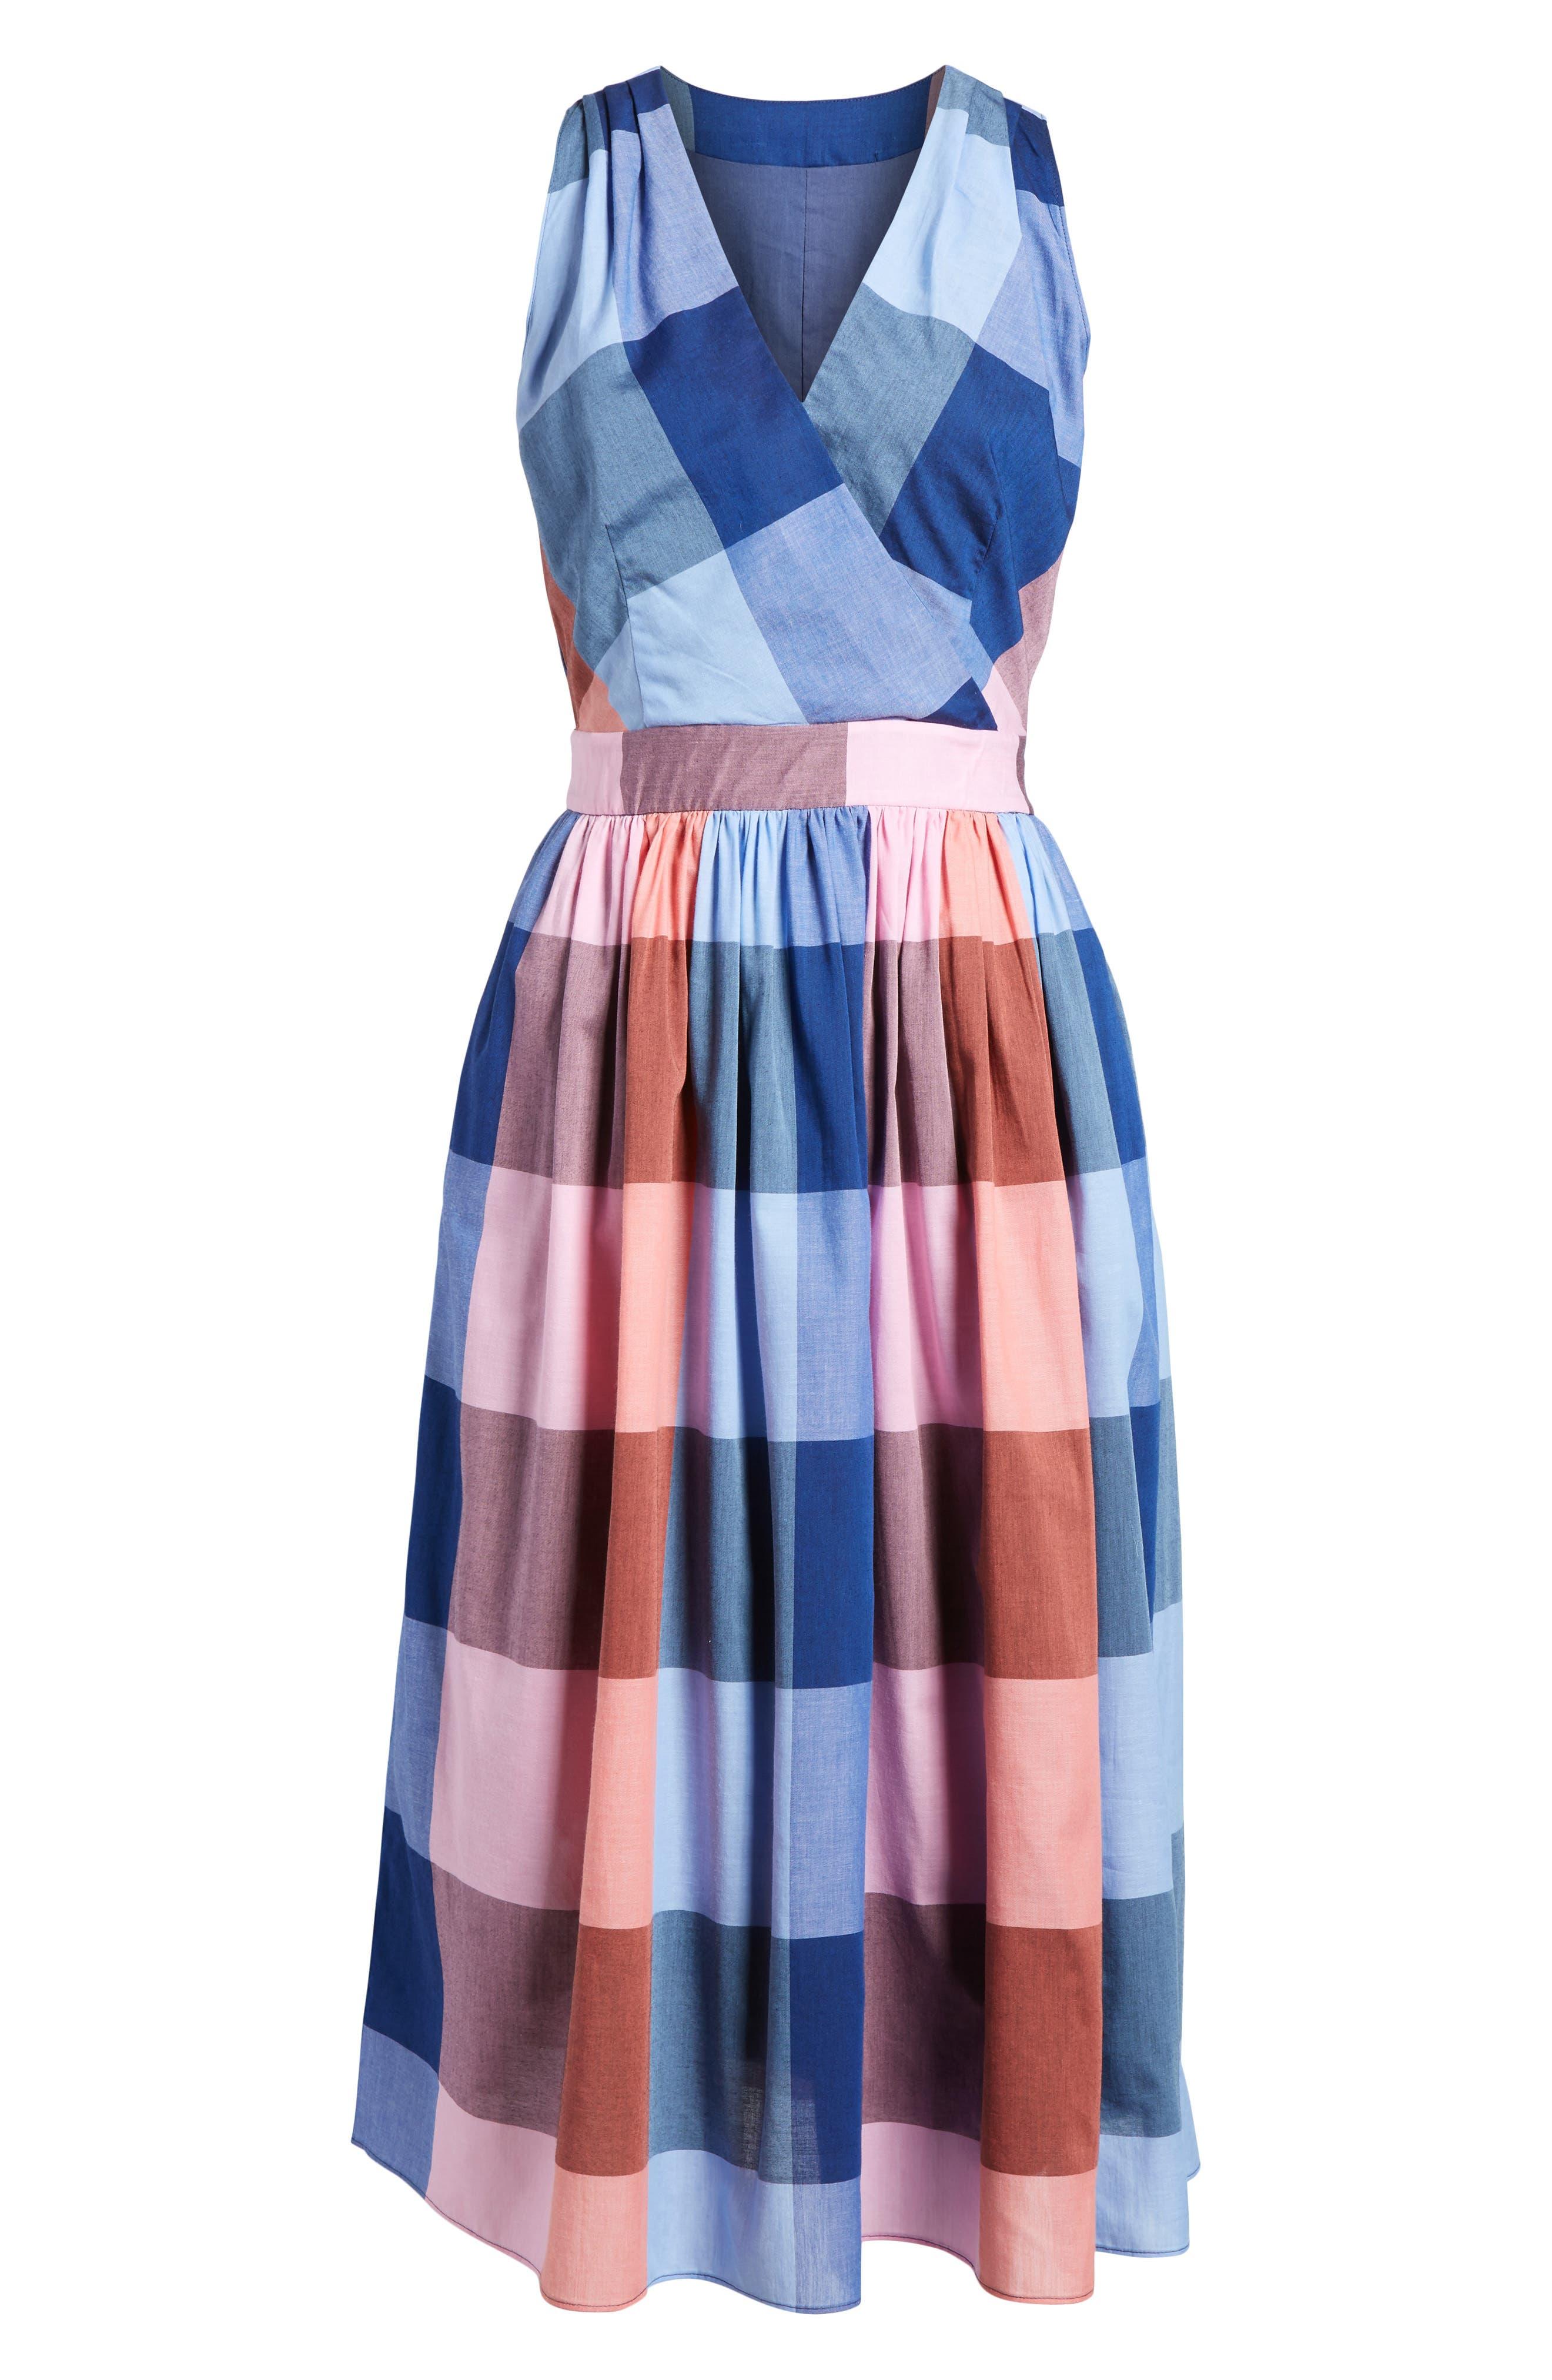 Plaid Cotton Wrap Style Dress,                             Alternate thumbnail 7, color,                             Pink- Blue Plaid